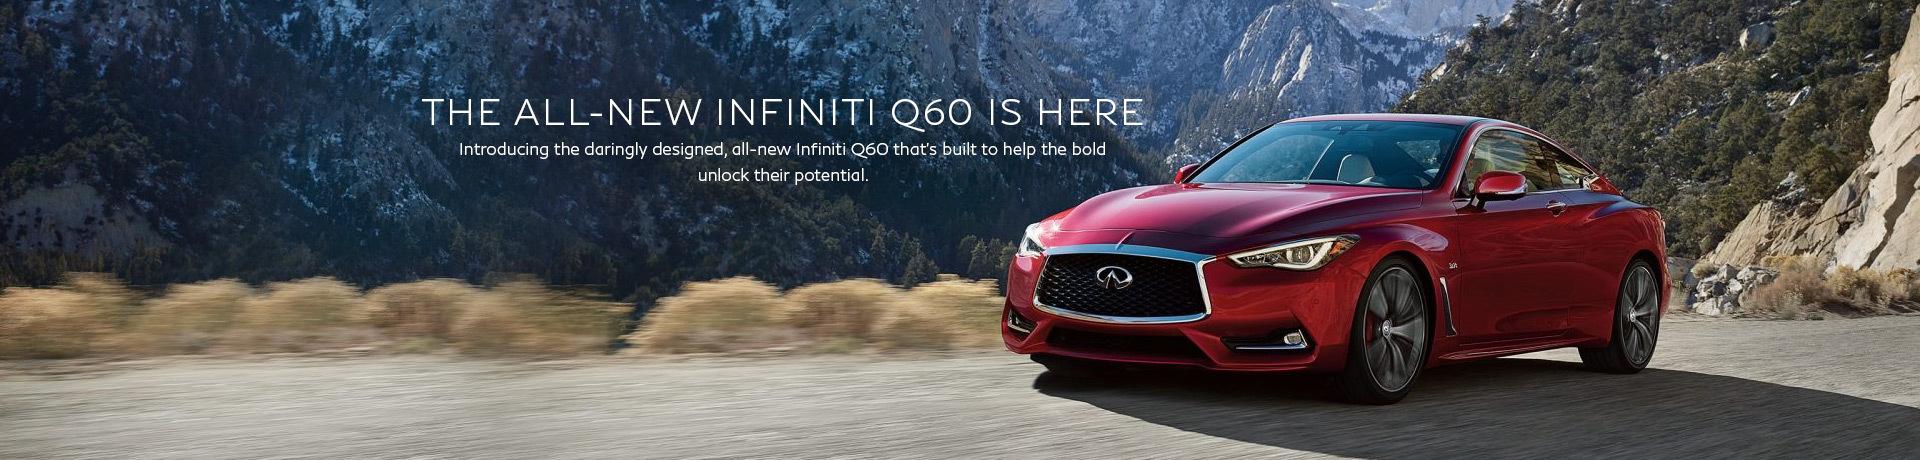 All-New-Infiniti-Q60